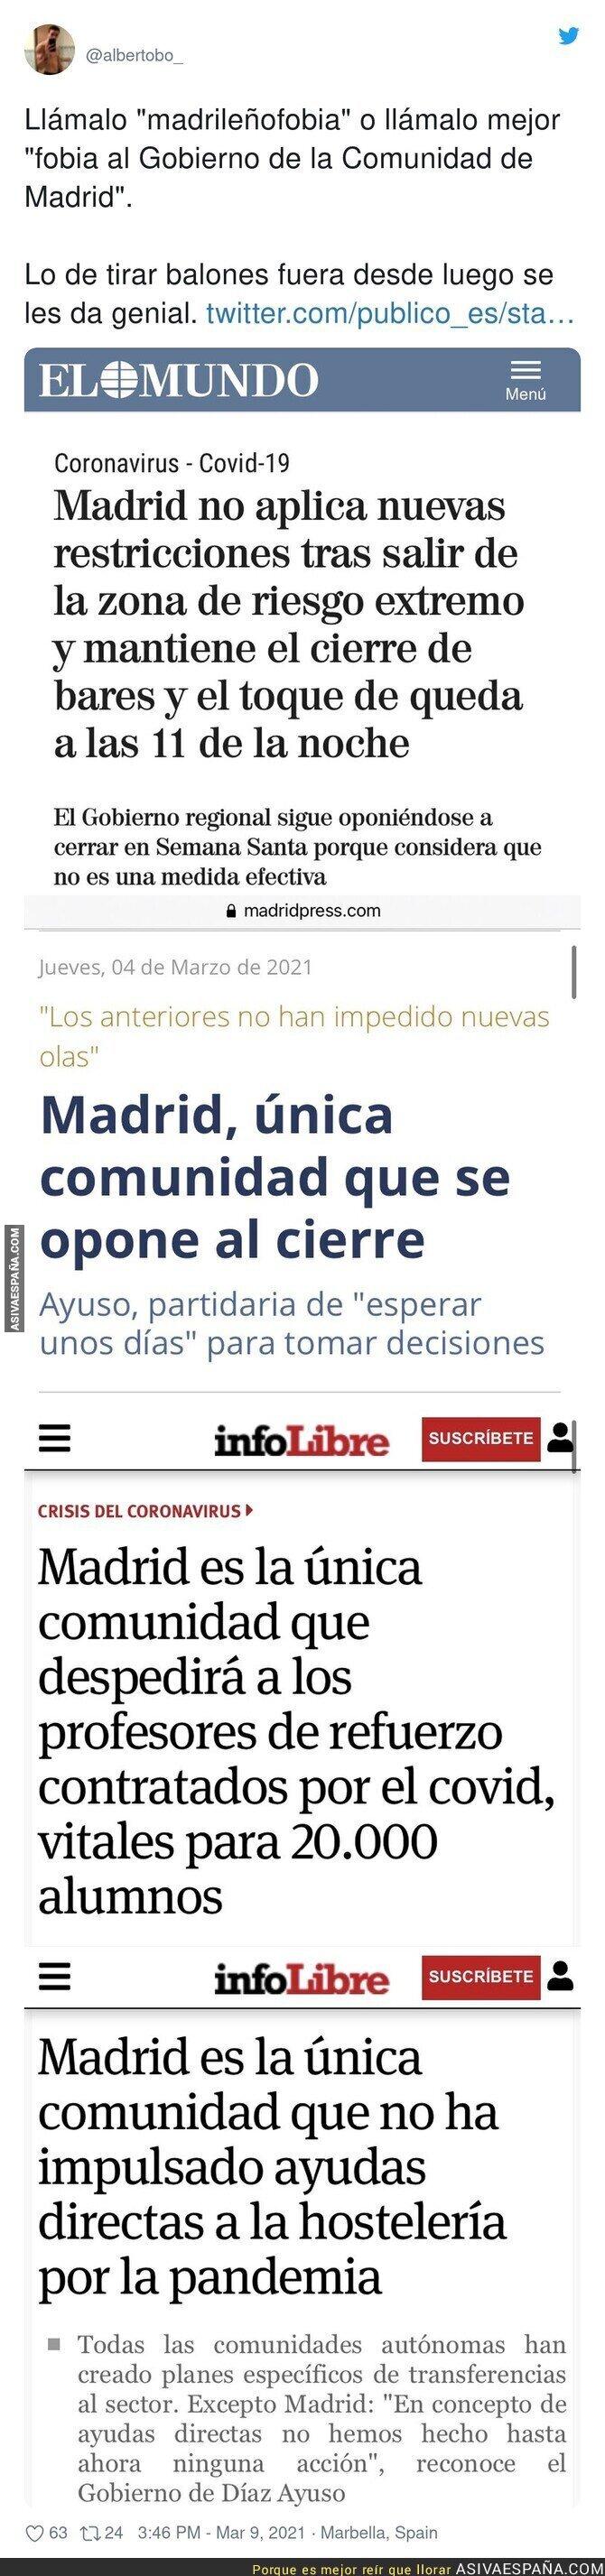 638100 - Madrid se hace la víctima